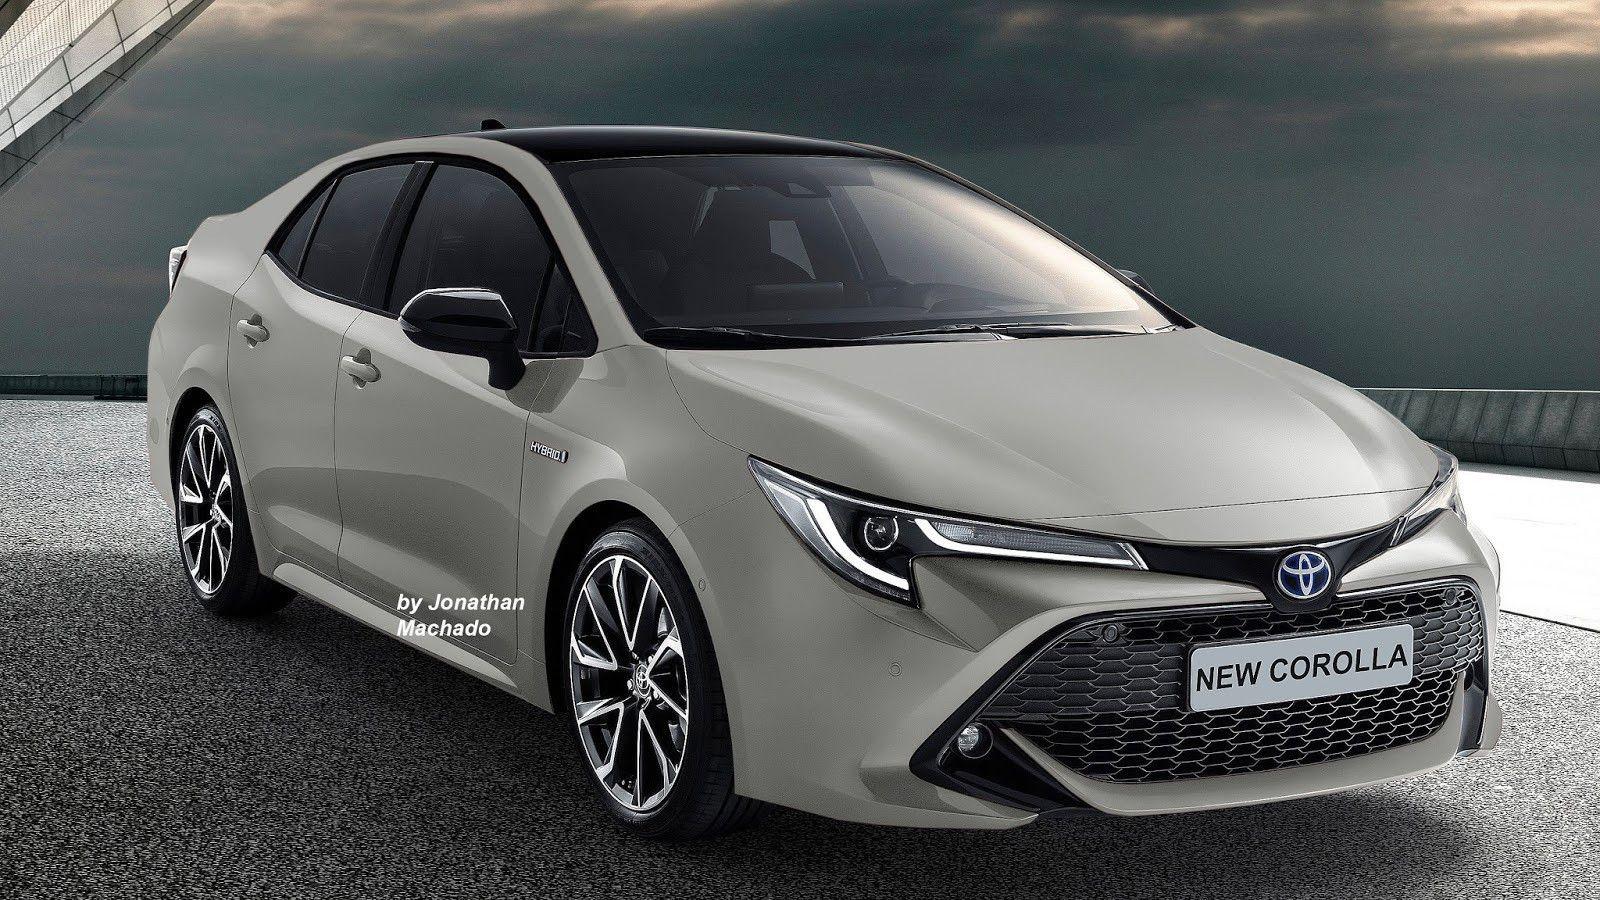 2020 Toyota Corolla Toyota Corolla Le Toyota Corolla Toyota Corolla Hatchback